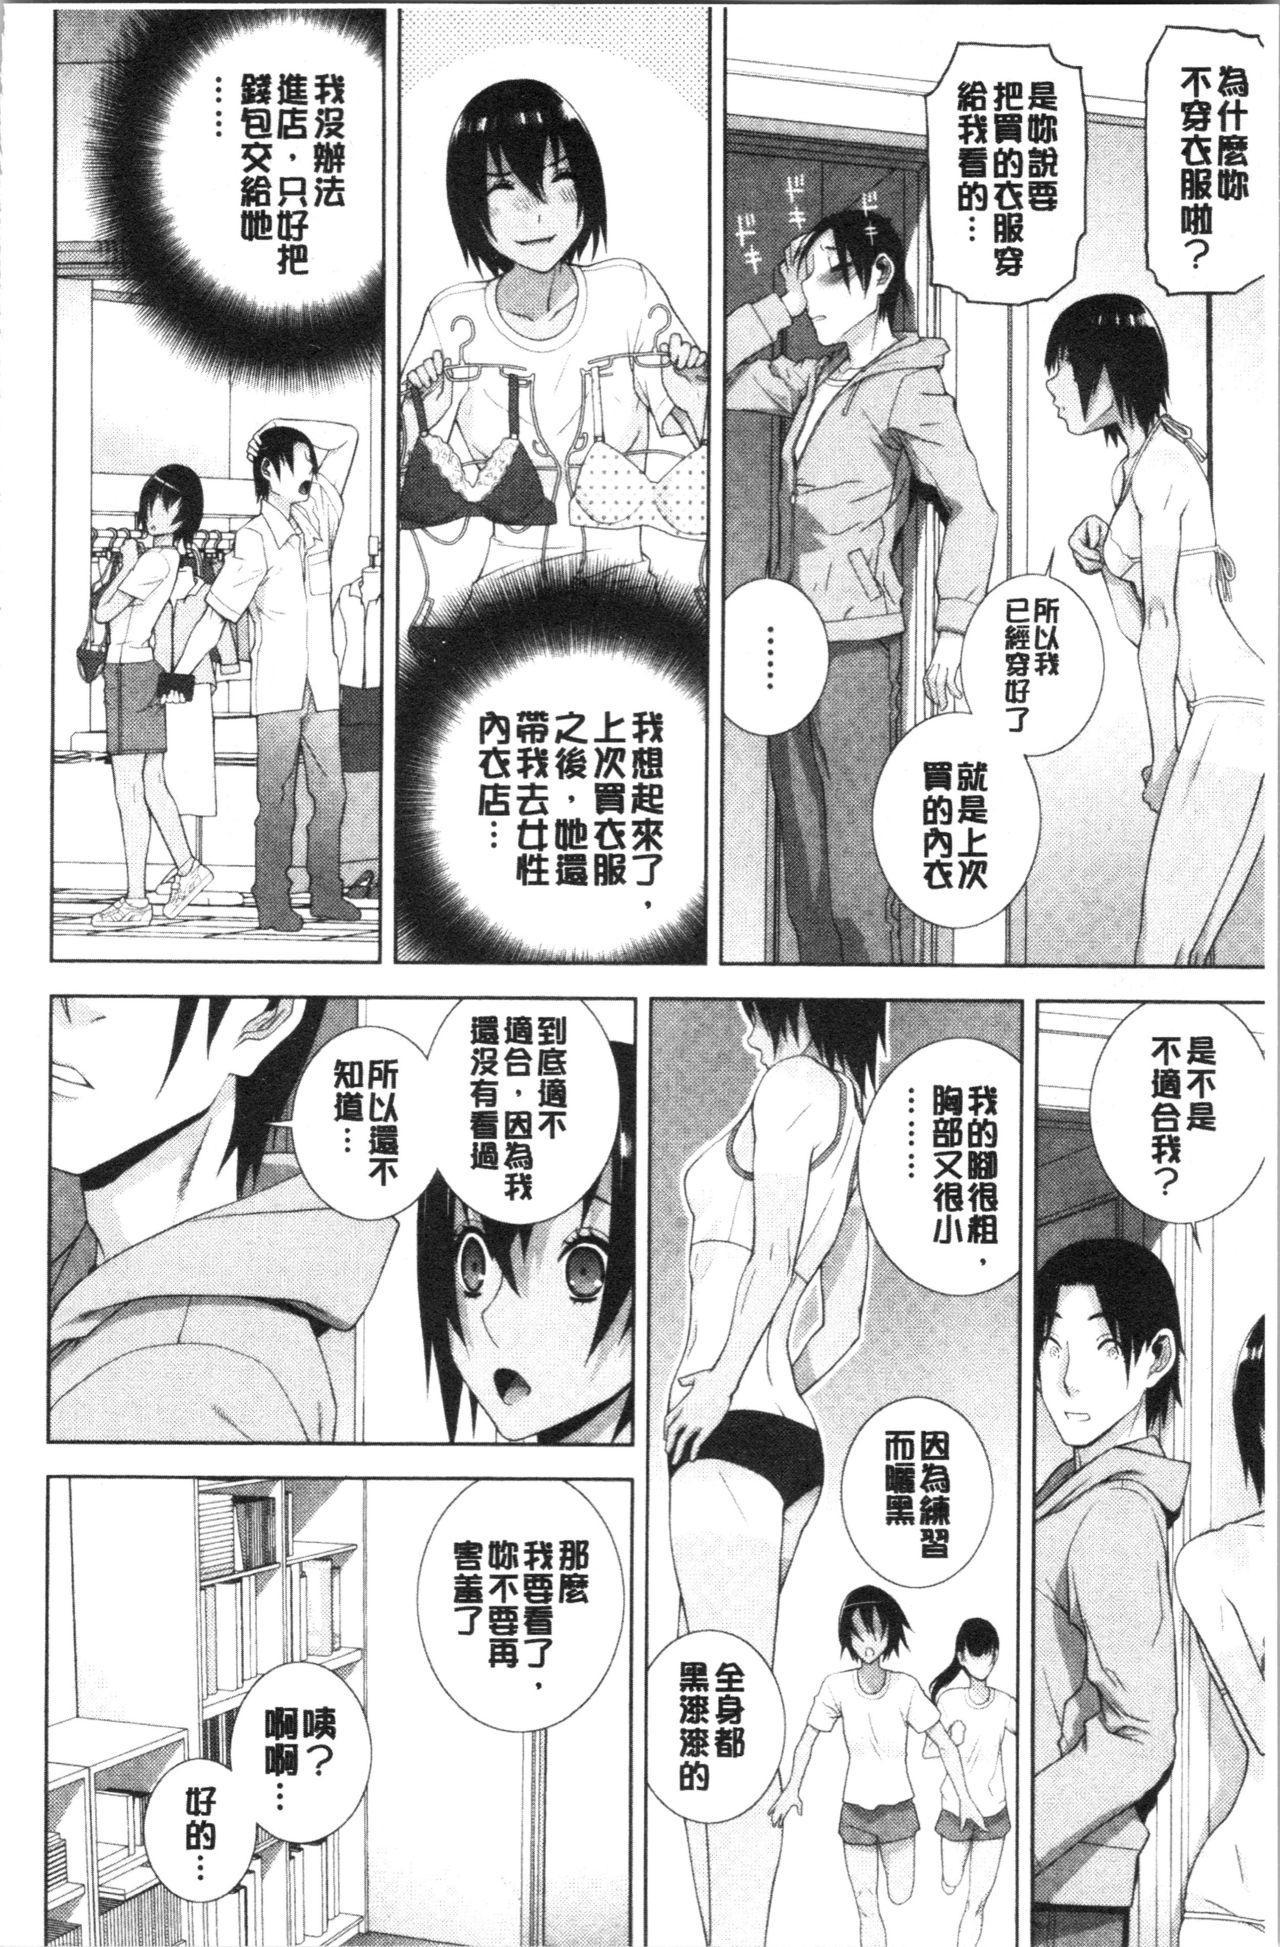 Imouto no Kiken na Anzenbi | 繼妹的危險的安全日 92